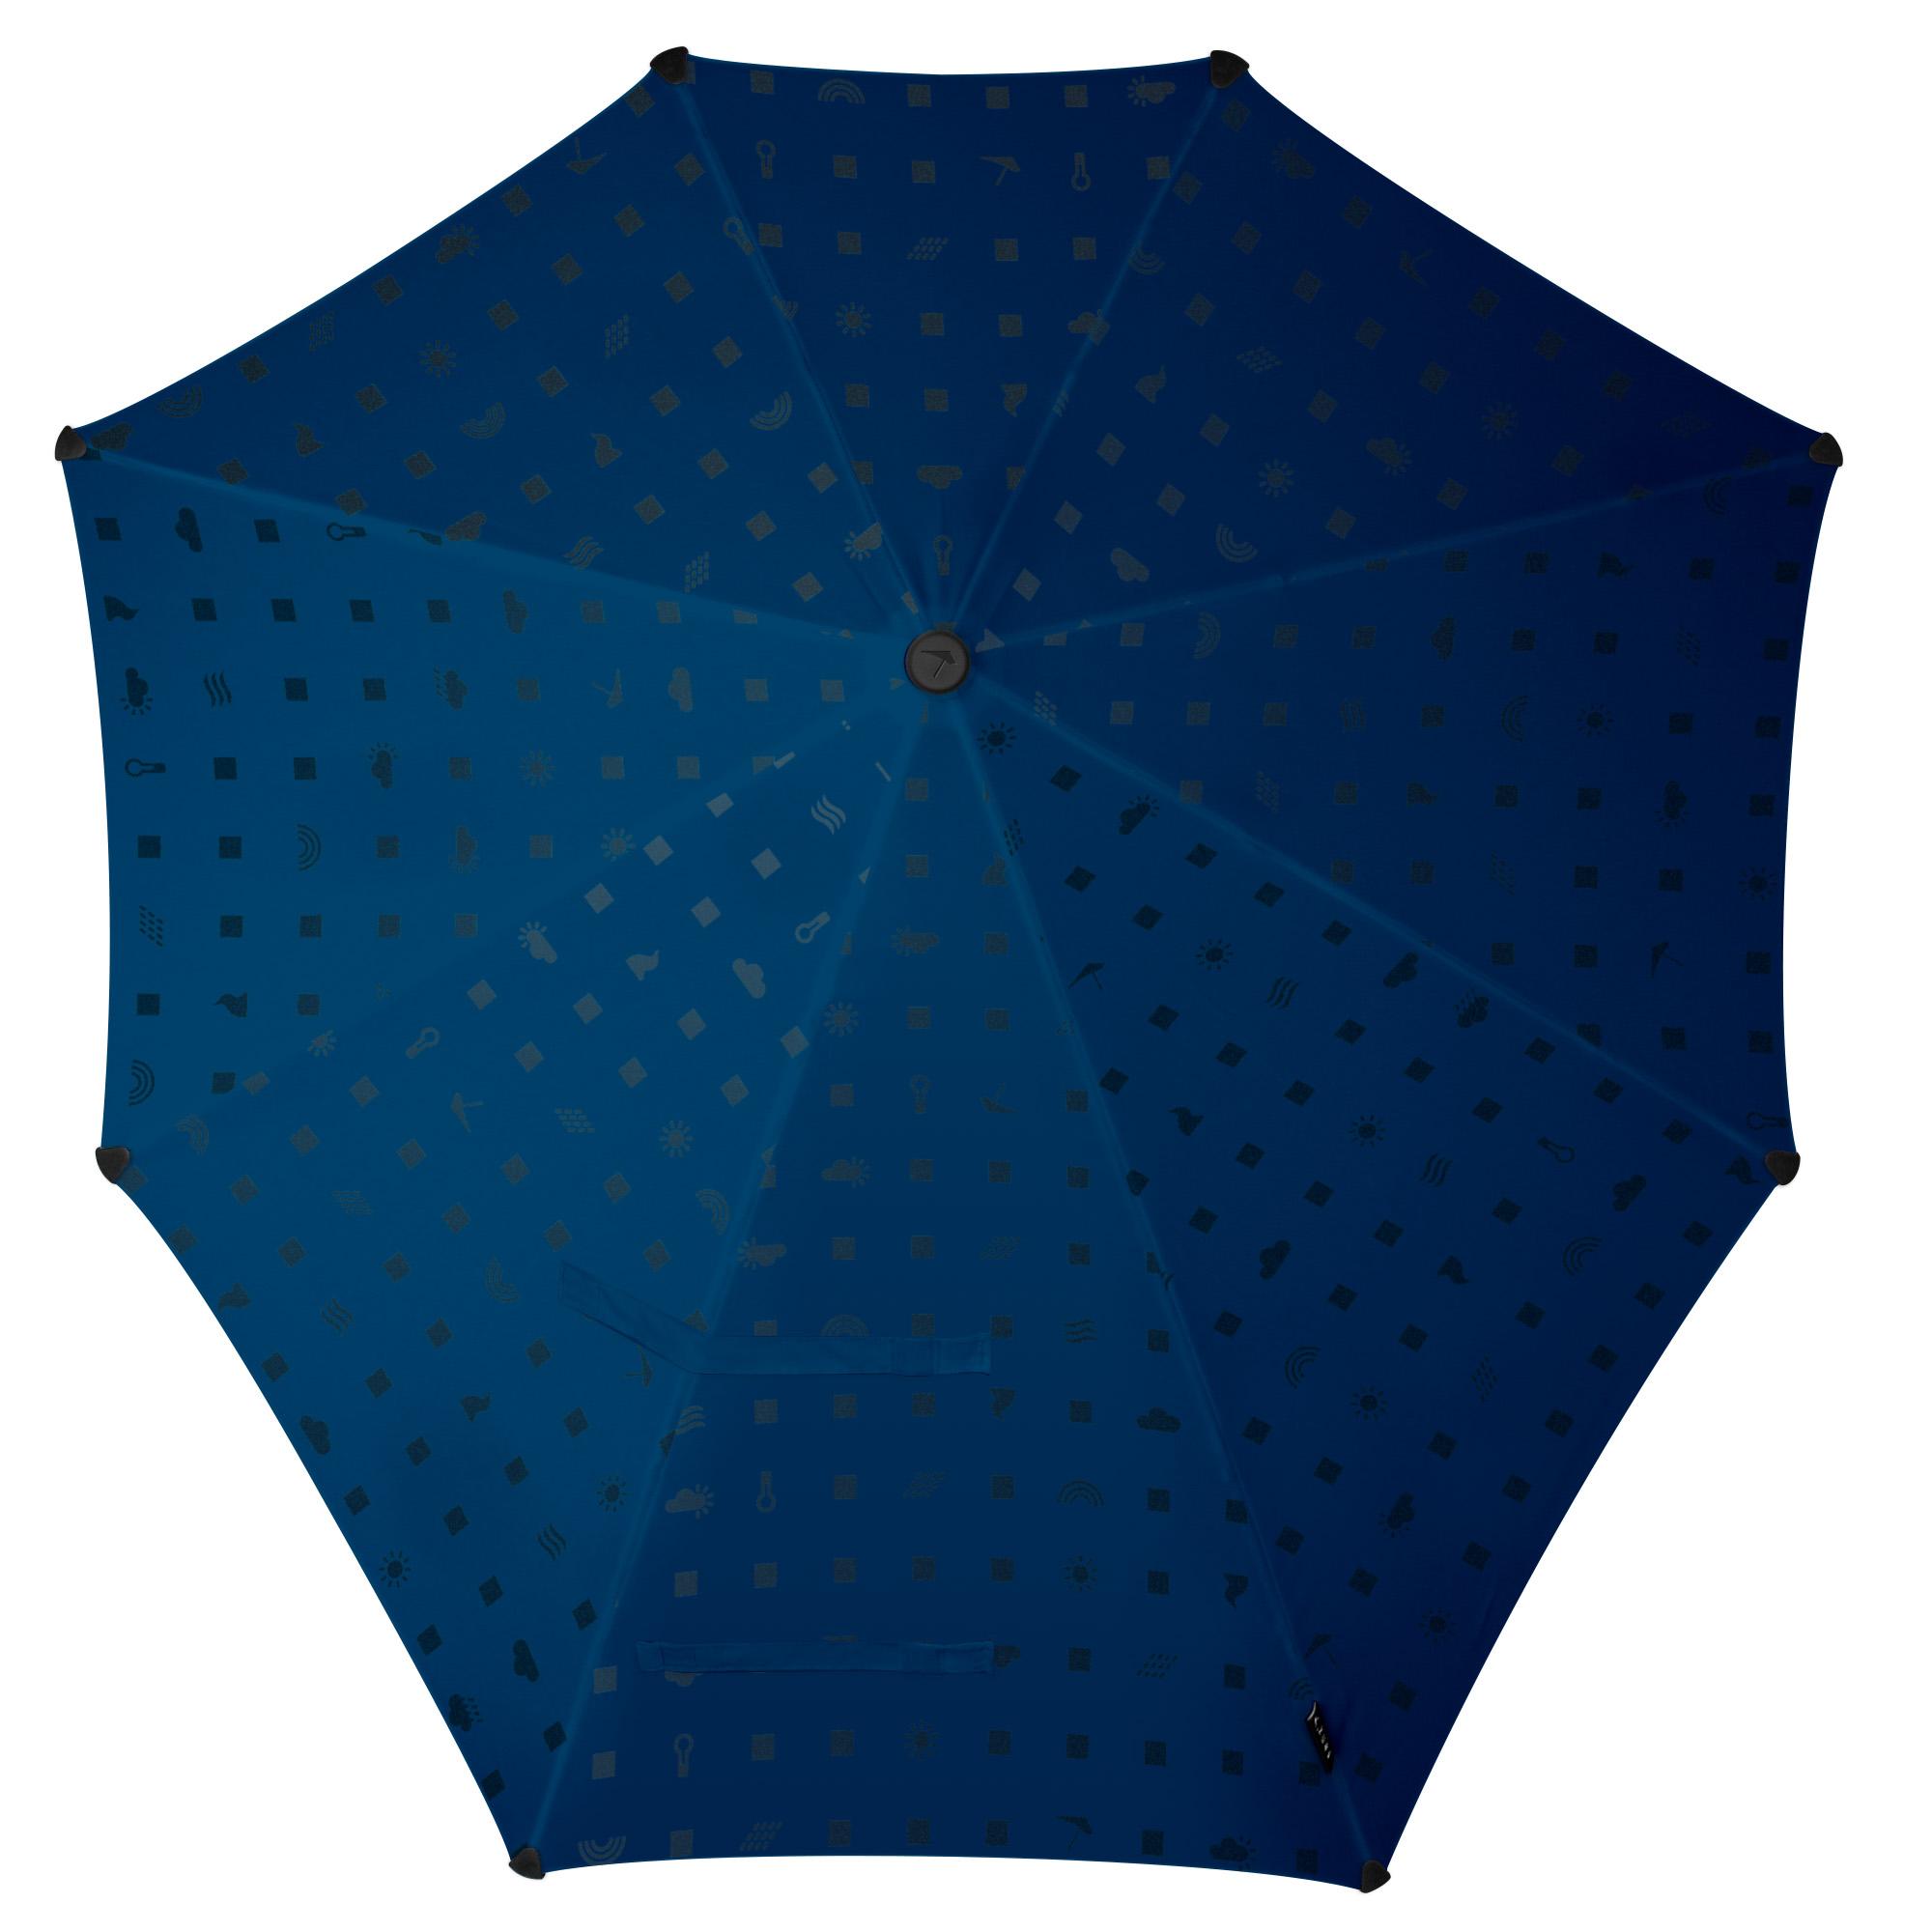 Зонт-трость Senz, цвет: темно-синий. 2011062CX1516-50-10Зонт-трость Senz - инновационный противоштормовый зонт, выдерживающий любую непогоду. Форма купола продумана так, что вы легко найдете самое удобное положение на ветру - без паники и без борьбы со стихией. Закрывает спину от дождя. Благодаря своей усовершенствованной конструкции, зонт не выворачивается наизнанку даже при сильном ветре. Модель Senz Original выдержала испытания в аэротрубе со скоростью ветра 100 км/ч.Характеристики: тип - трость, выдерживает порывы ветра до 100 км/ч, УФ-защита 50+, удобная мягкая ручка, безопасные колпачки на кончиках спиц, в комплекте прочный чехол из плотной ткани с лямкой на плечо, гарантия 2 года.